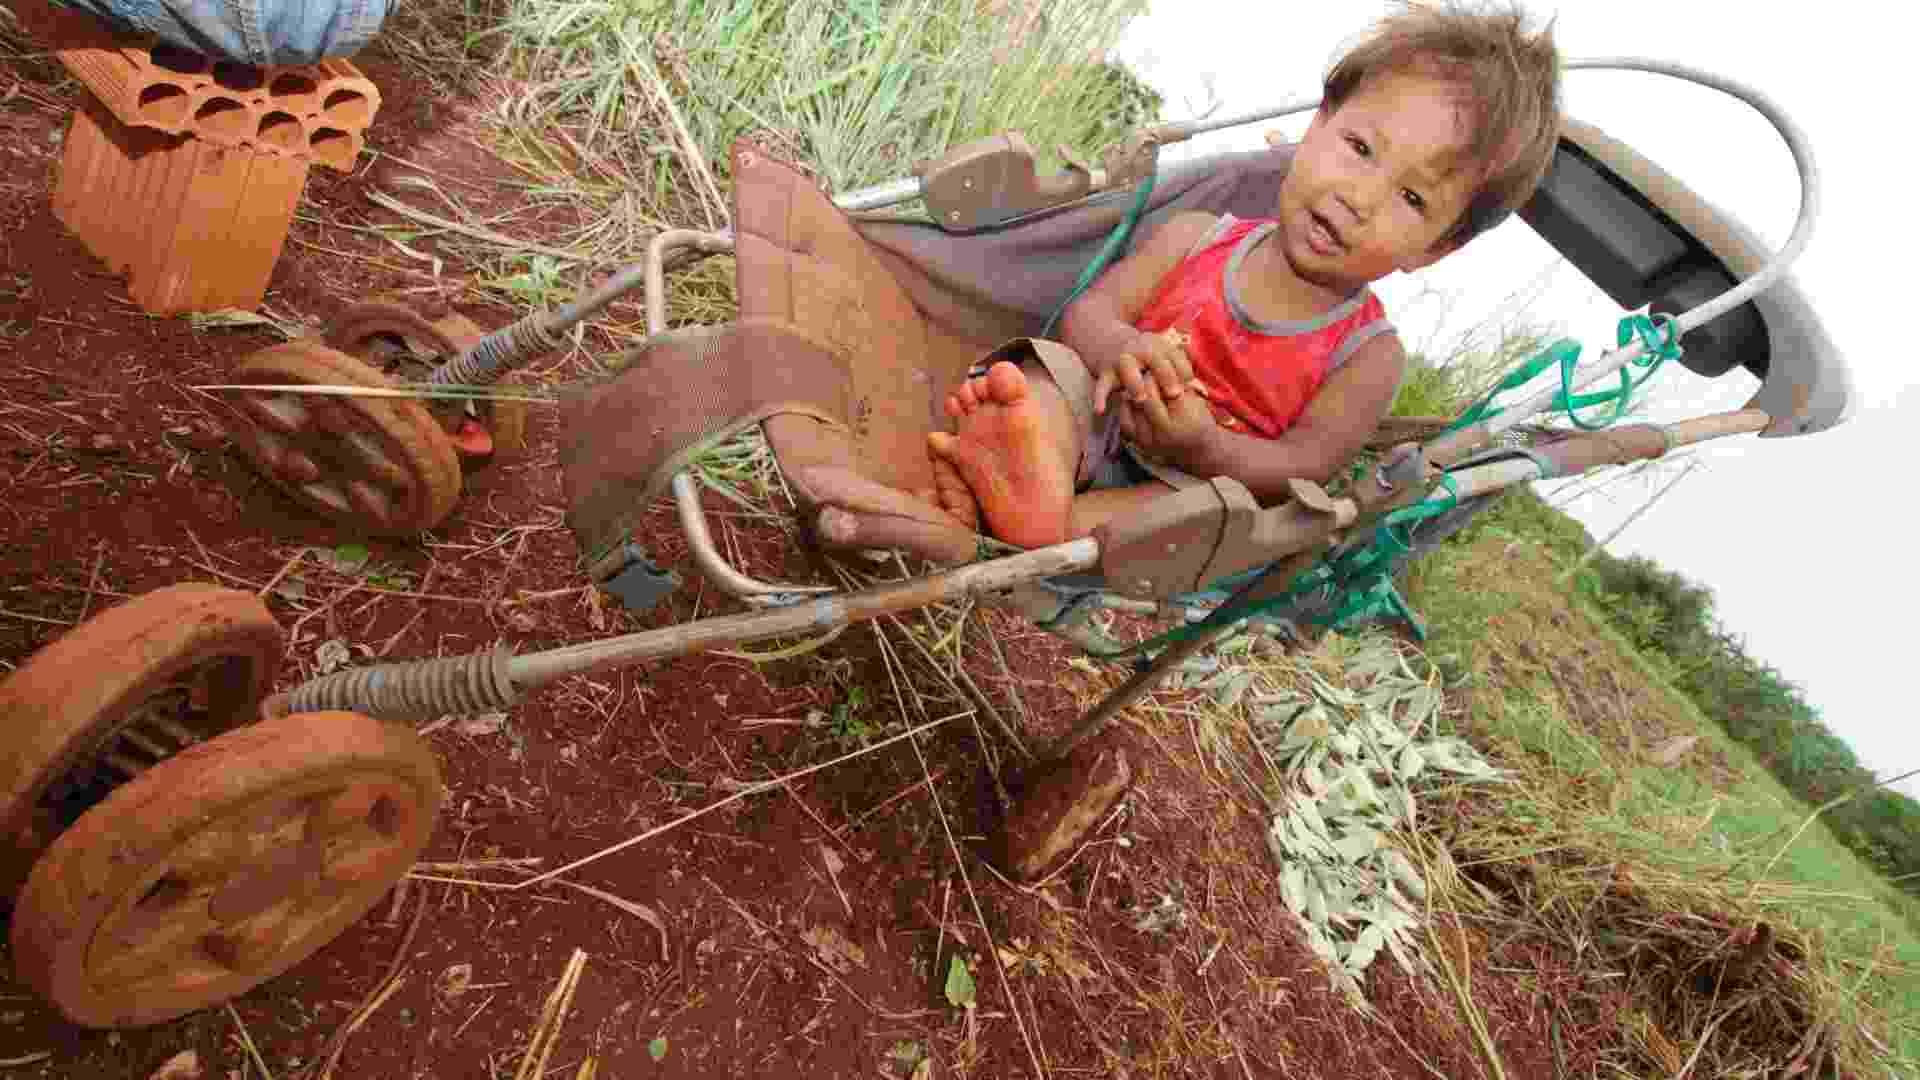 Desde crianças, os índios dependem de doações dos brancos em Dourados, cidade a 224 Km de Campo Grande, capital do Mato Grosso do Sul  - Ademir Almeida/UOL